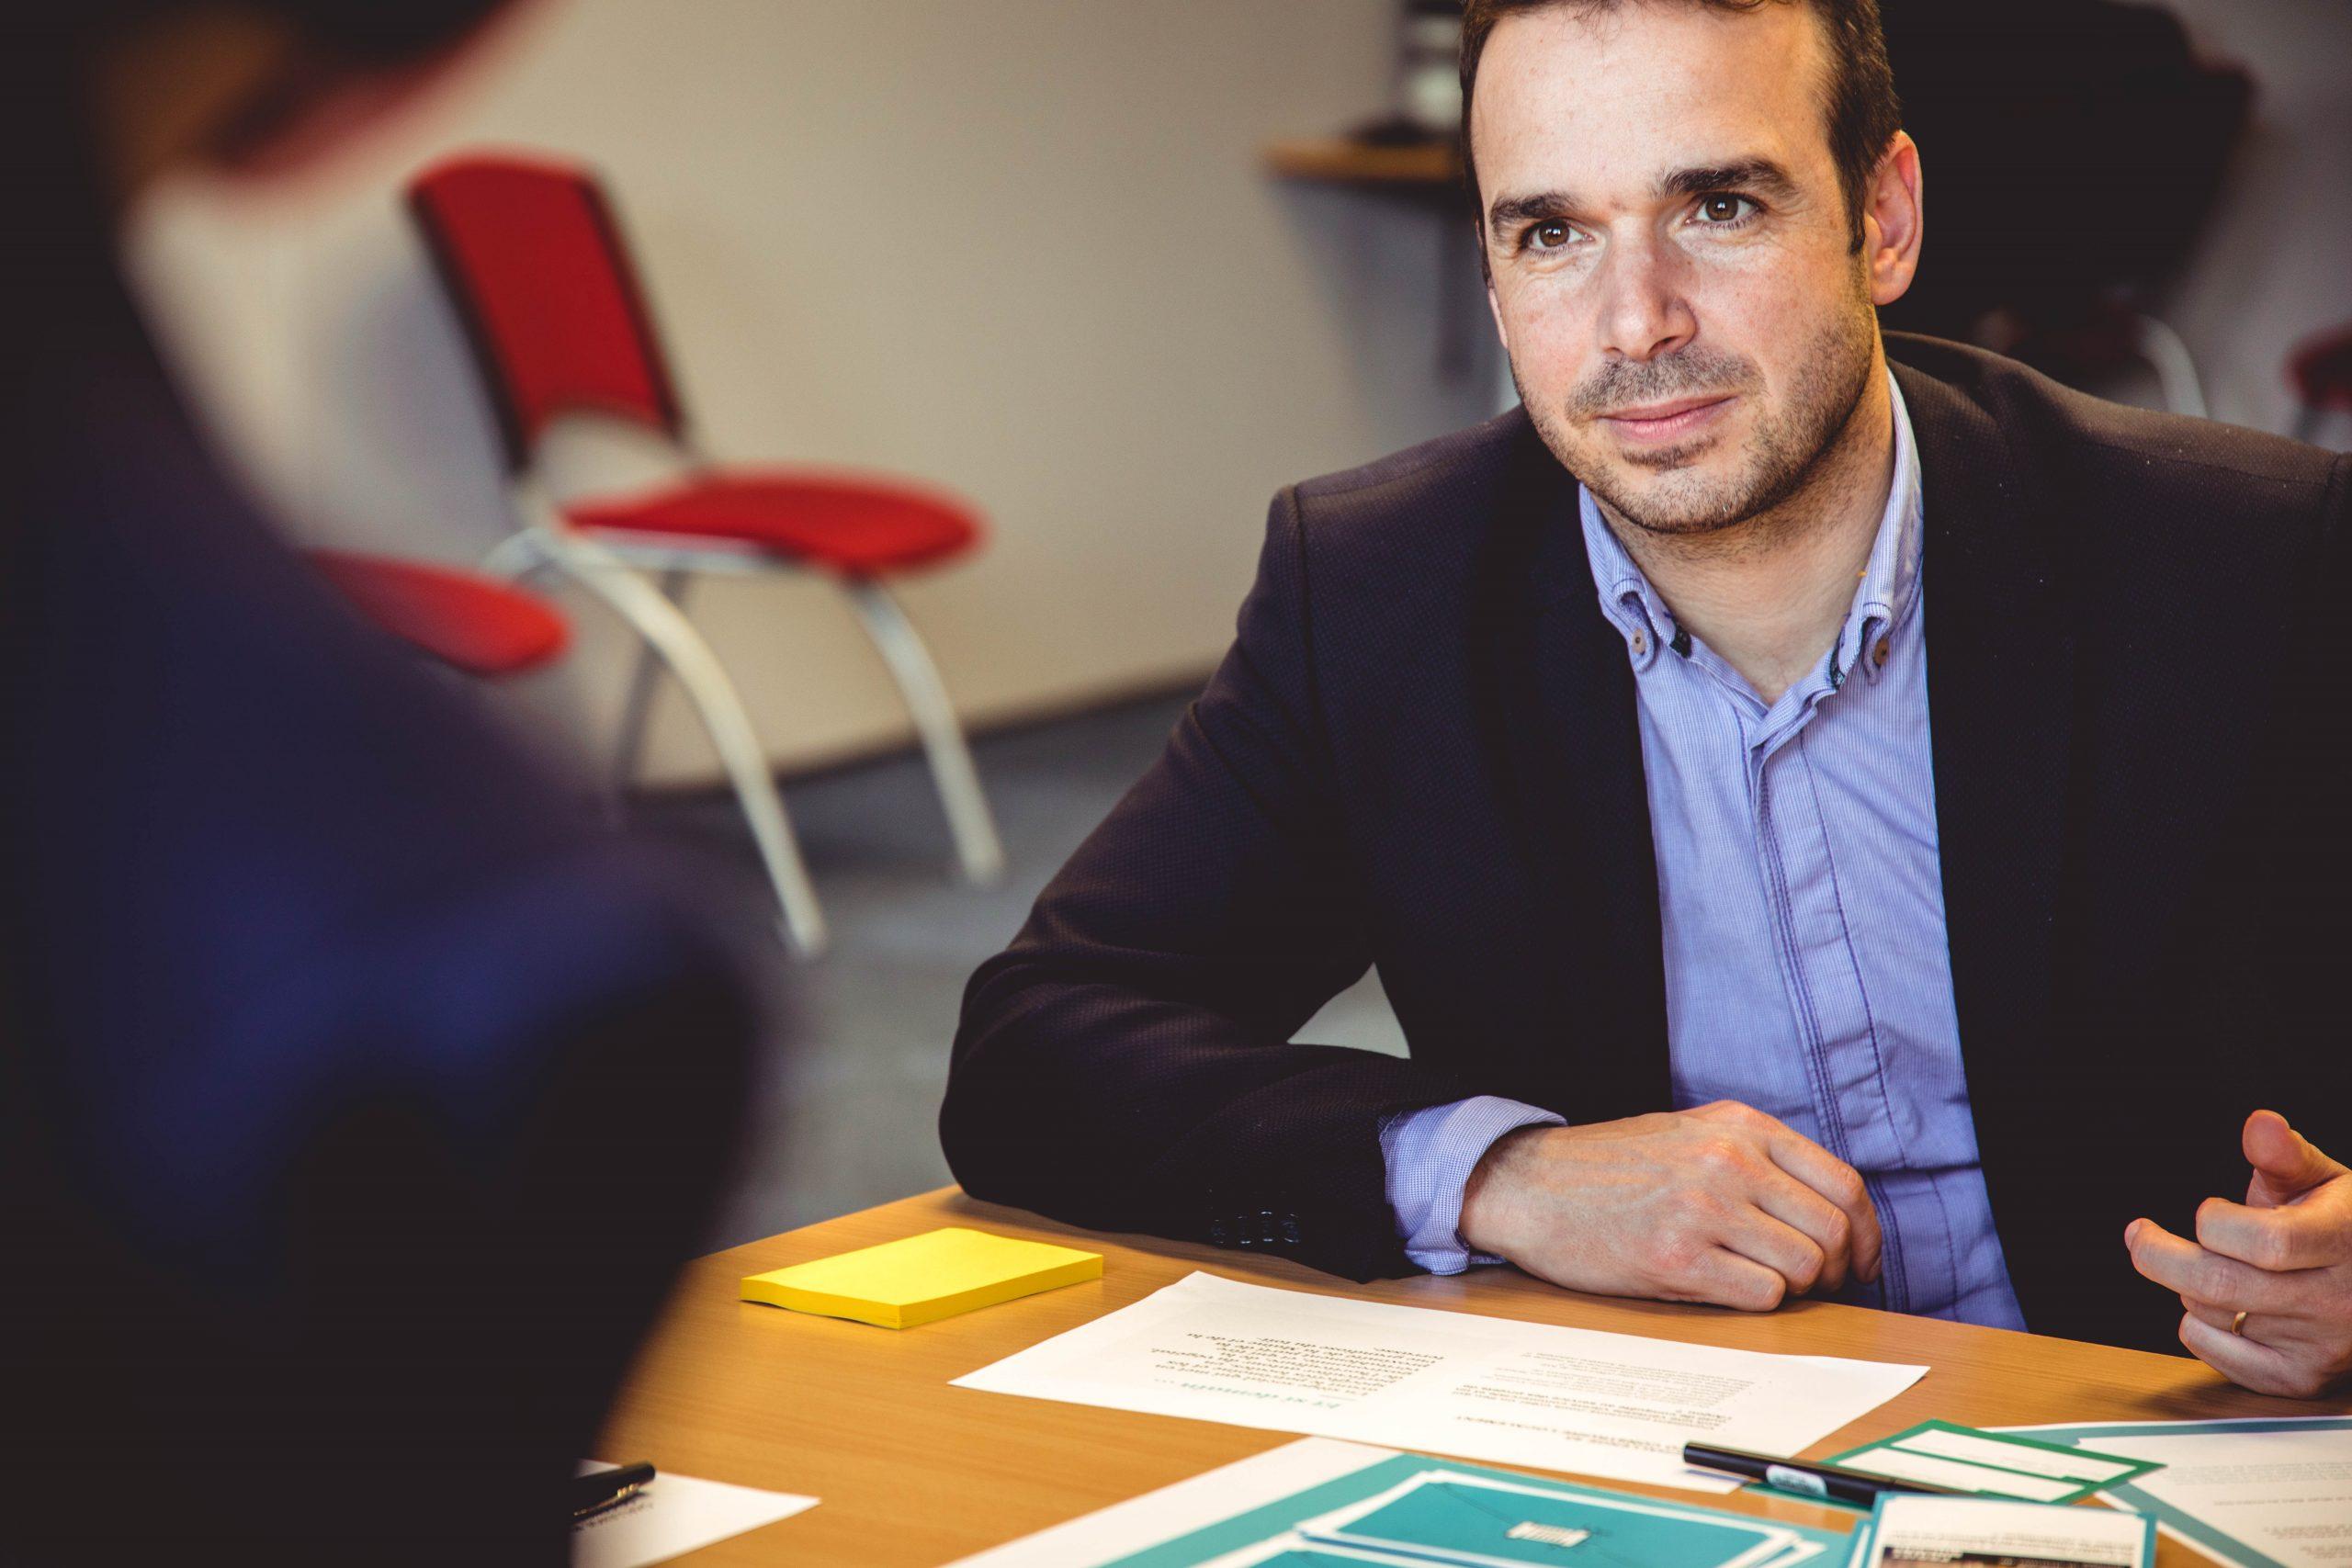 homme portant une chemise bleue et une veste foncée assis derrière un bureau